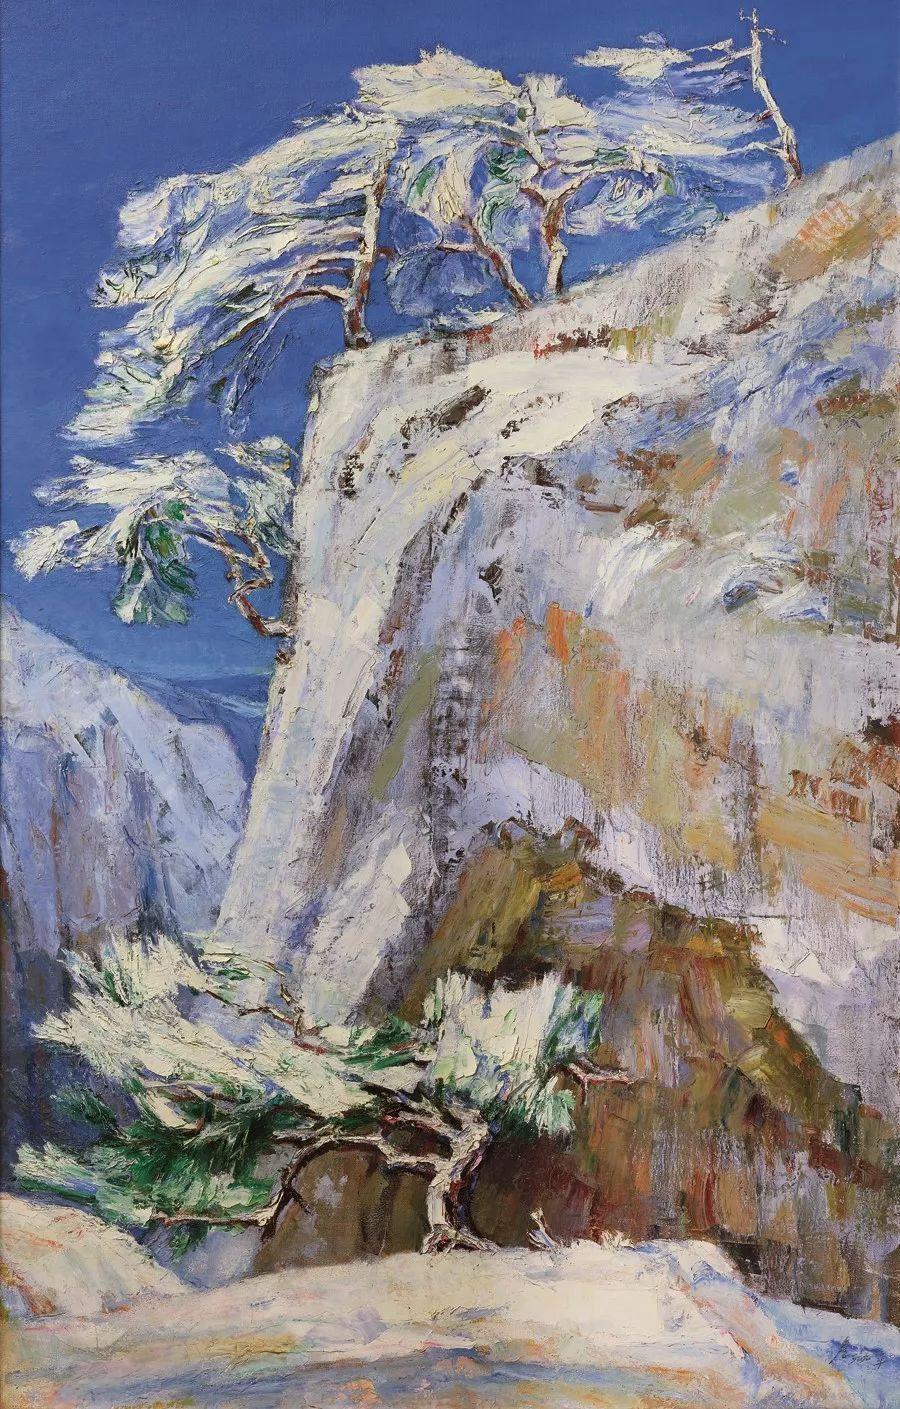 詹建俊《雪山松》 195x125cm 1998年 布面油画